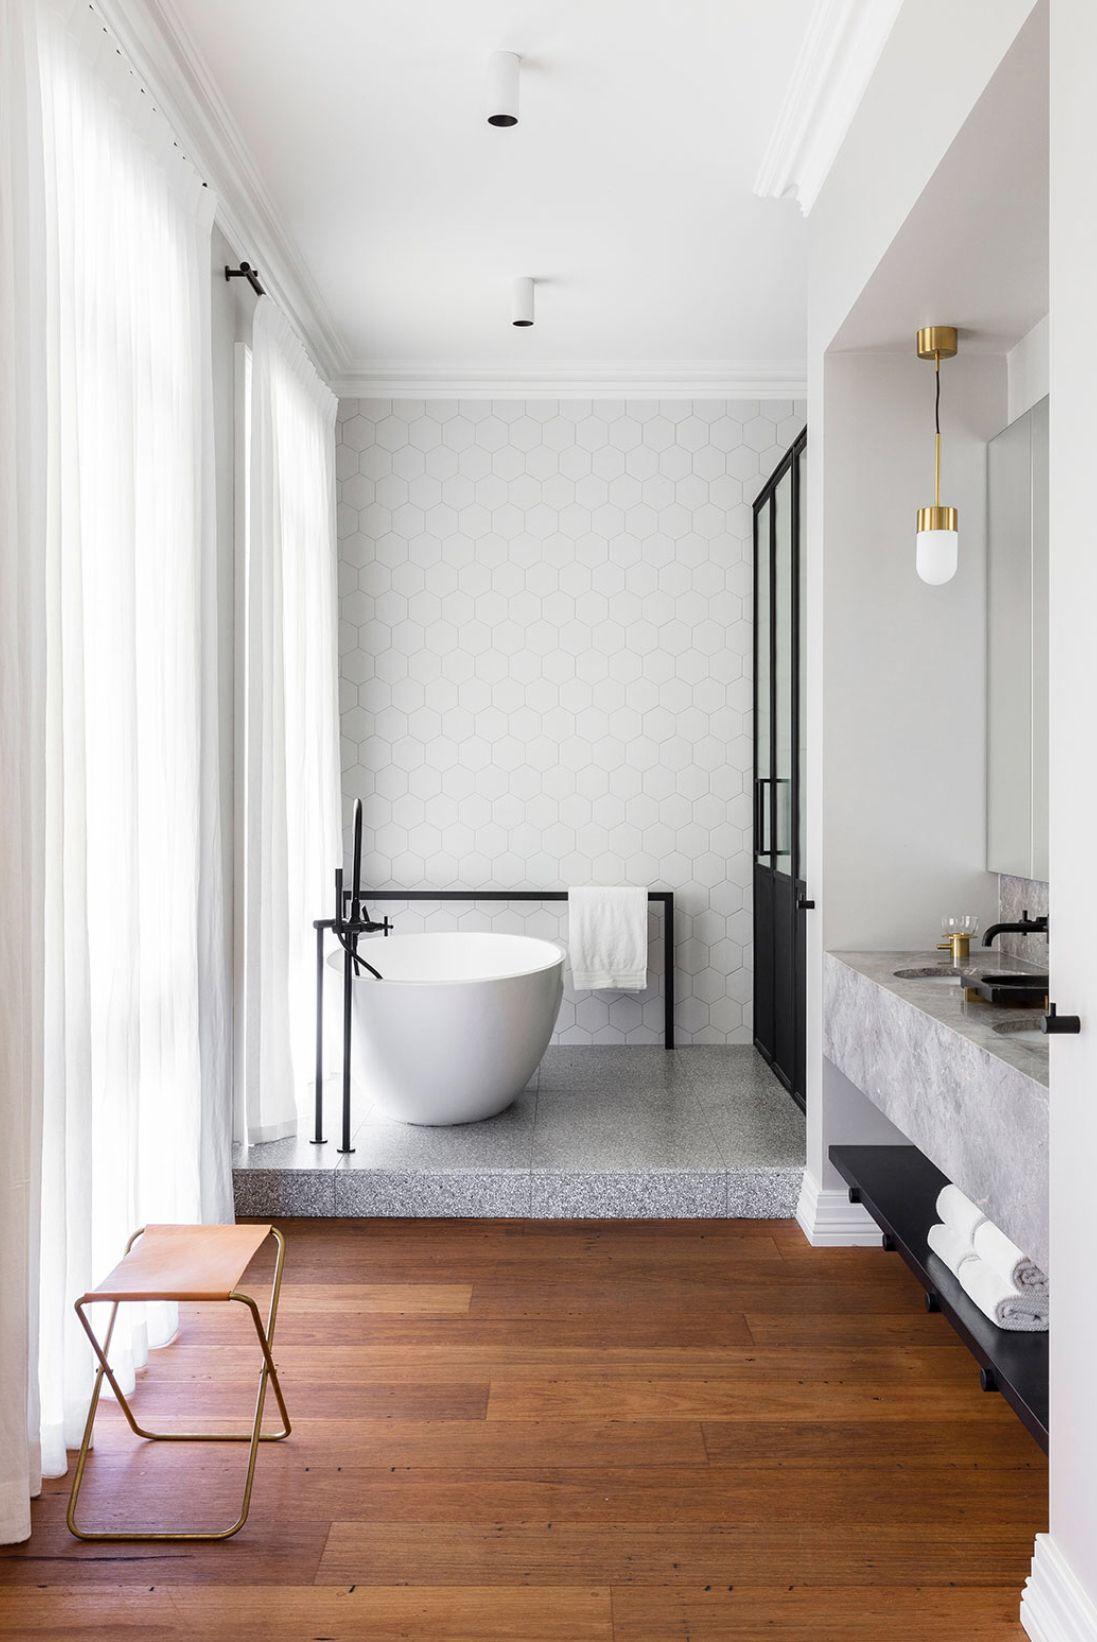 Épinglé par Pascale Pfeffer sur salle de bain | Pinterest | Salle de ...